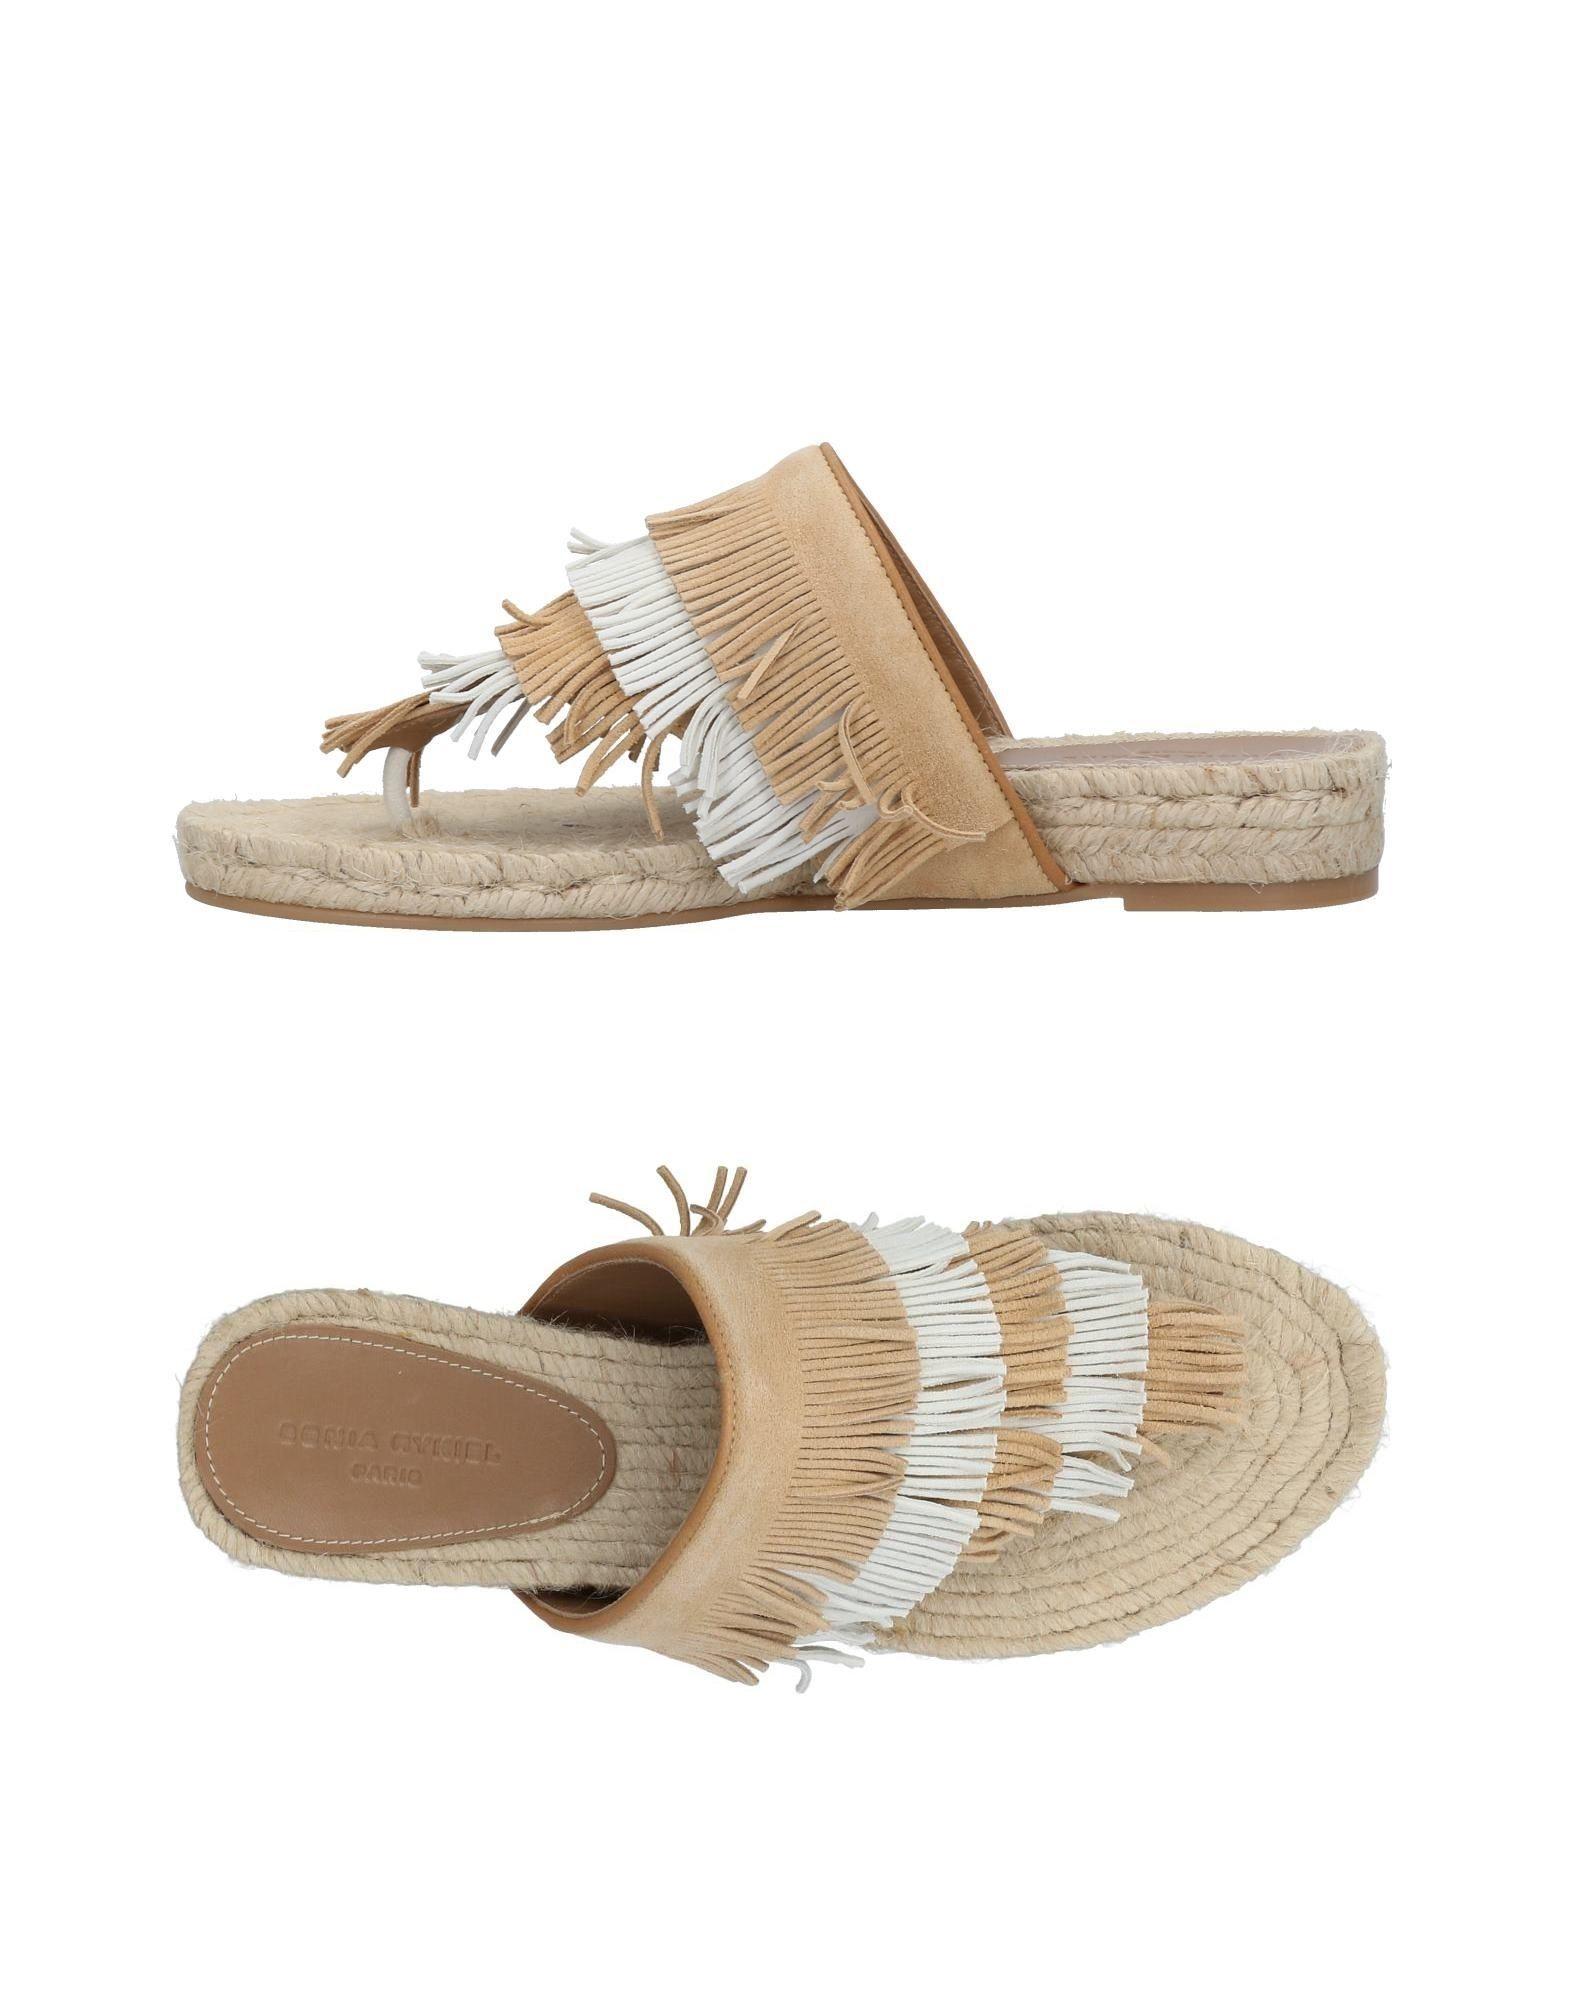 Sneakers Ebarrito offerte Donna - 11552195GF Nuove offerte Ebarrito e scarpe comode faec8a